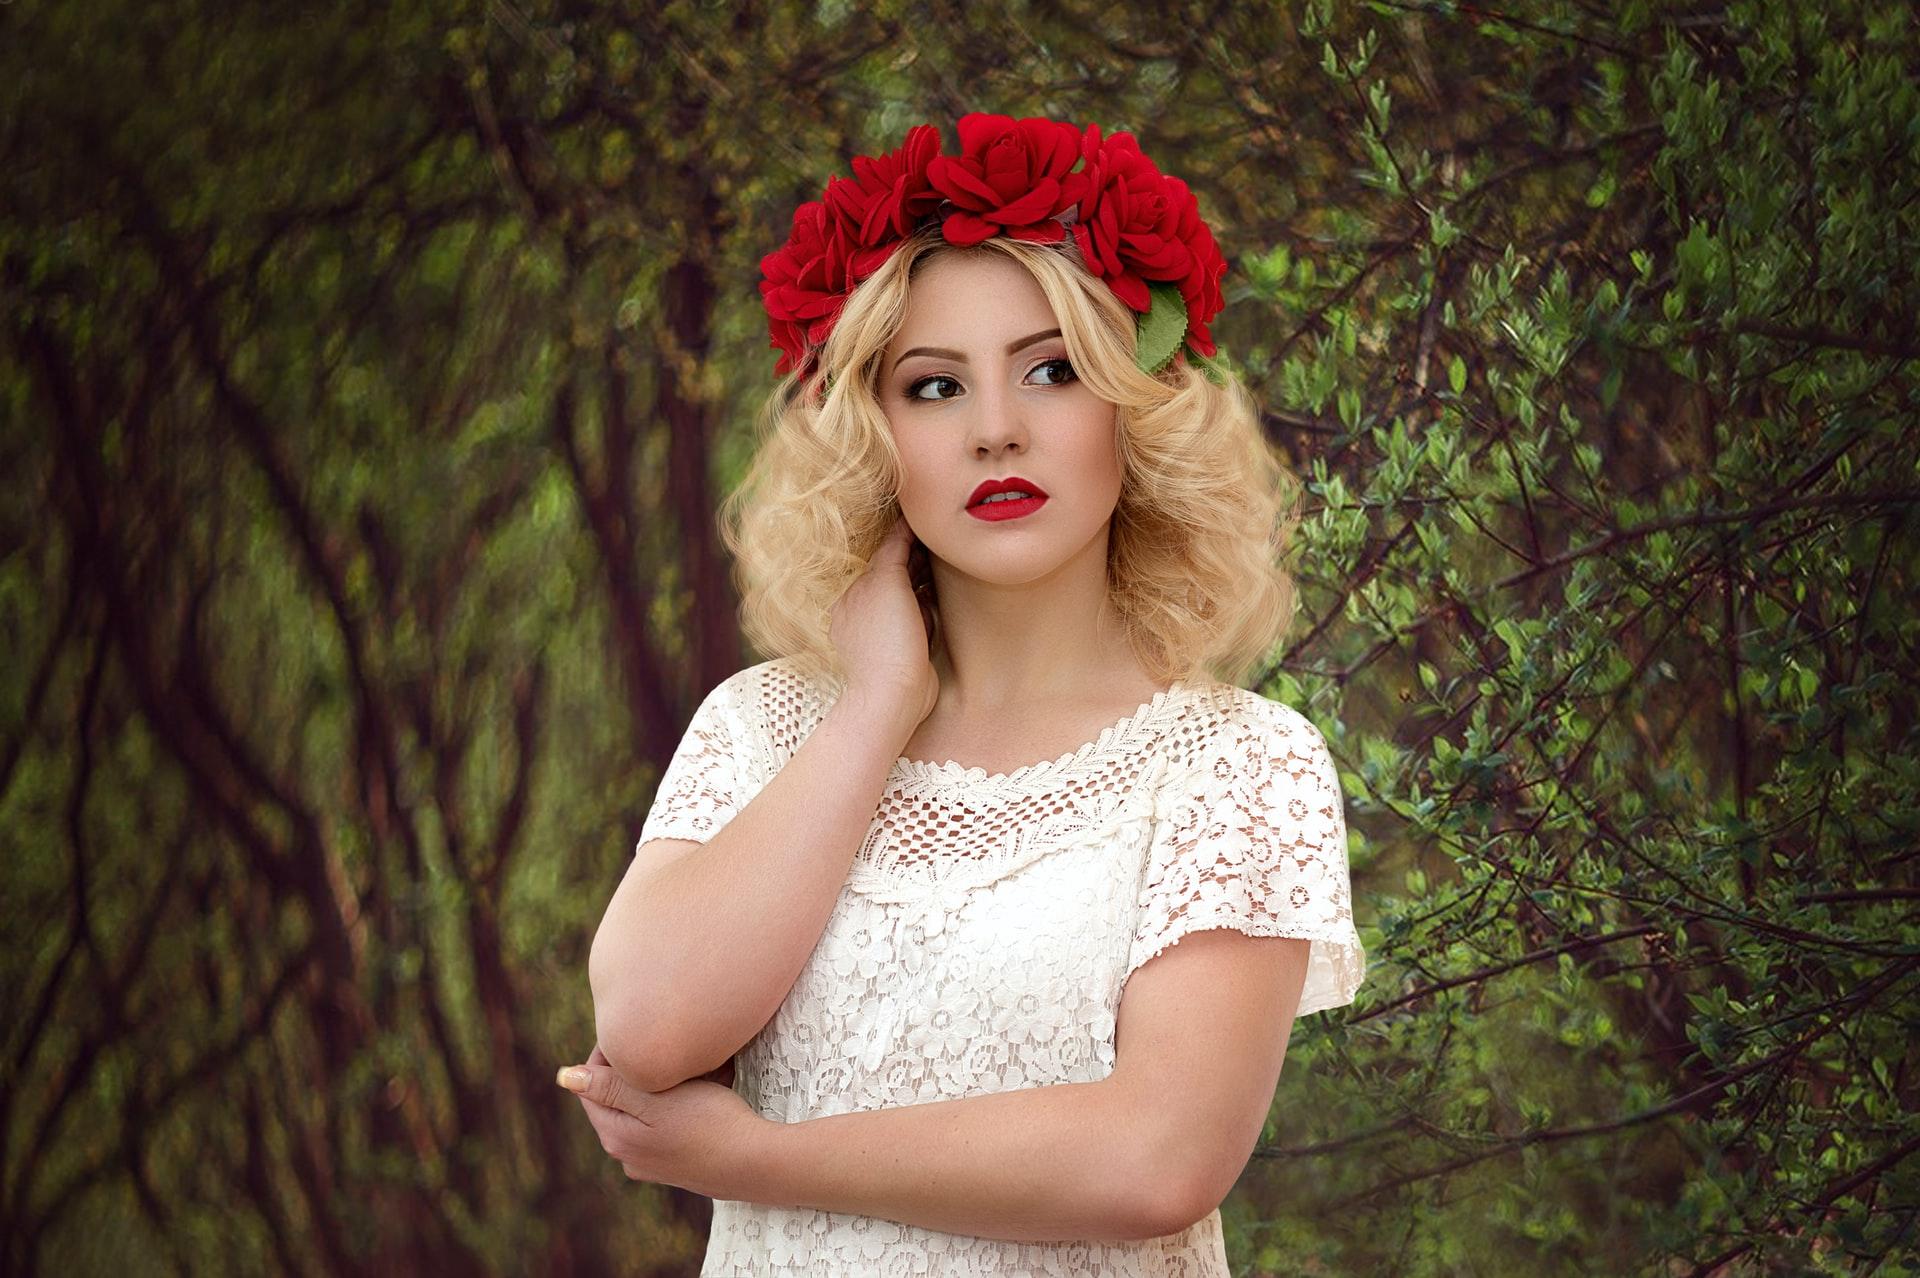 Belarus Women for Marriage